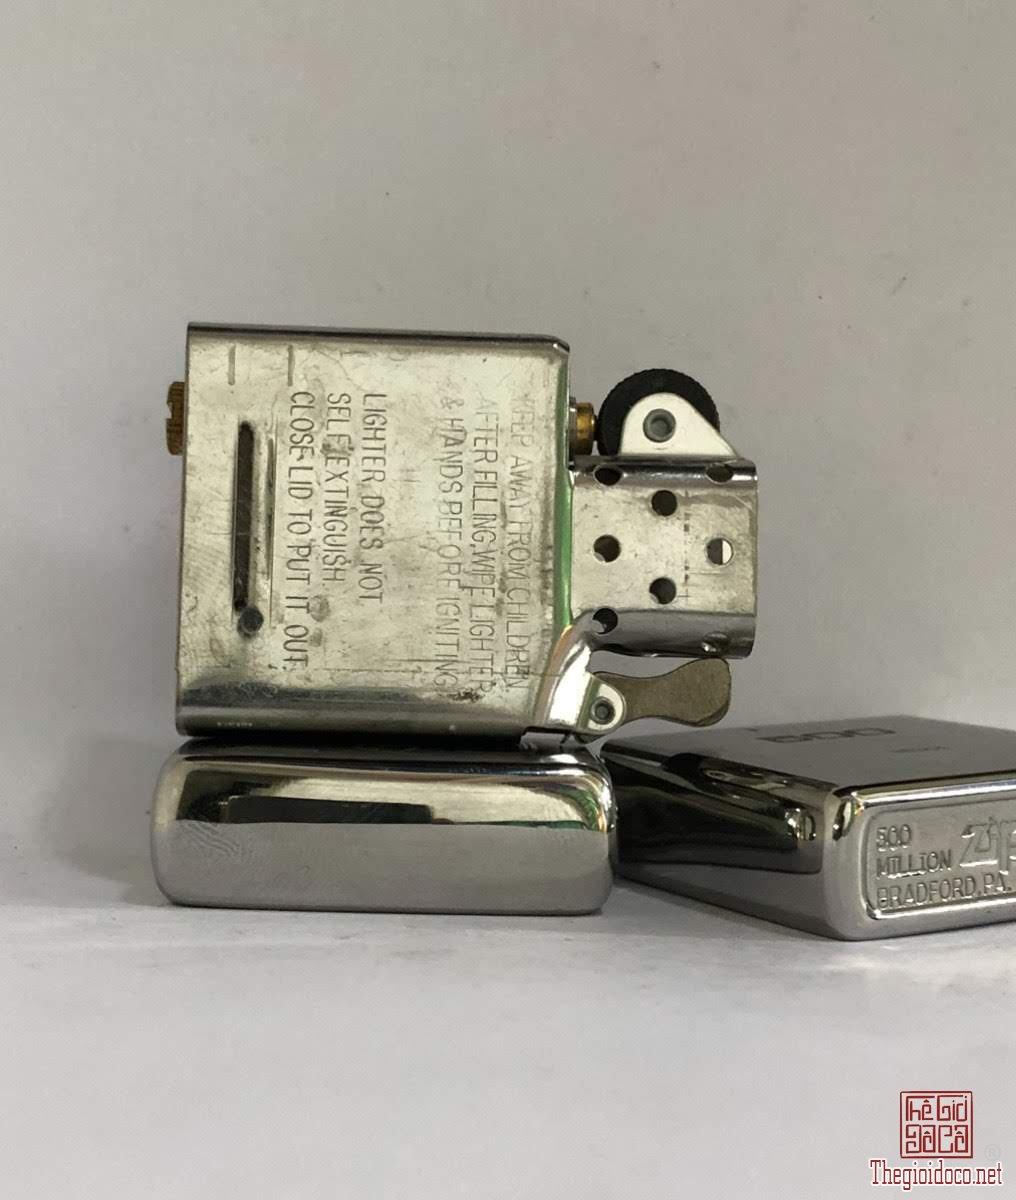 A121- brush chrome 2012 Limit No :160304, phiên bản đặc biêt kỷ niệm chiếc zippo thứ 500 triệu S